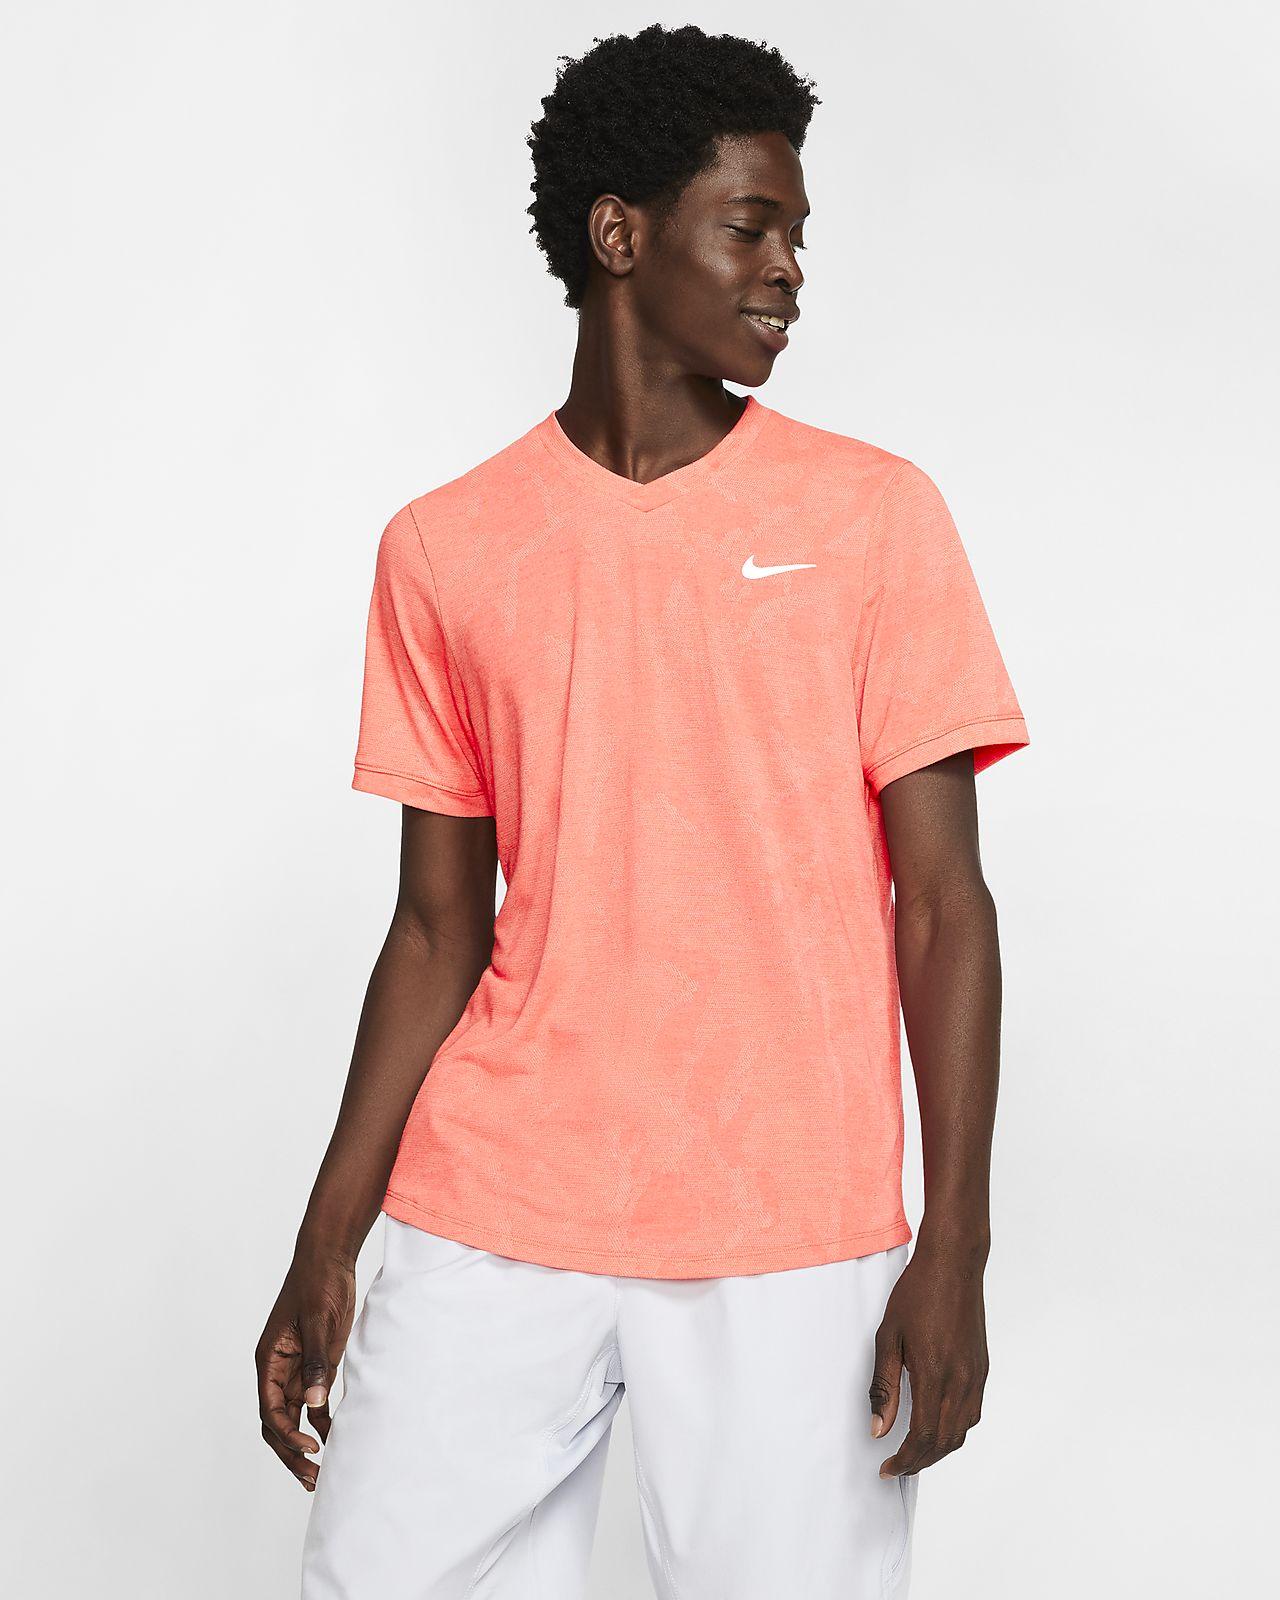 Pánské tenisové tričko NikeCourt Dri-FIT Challenger s krátkým rukávem